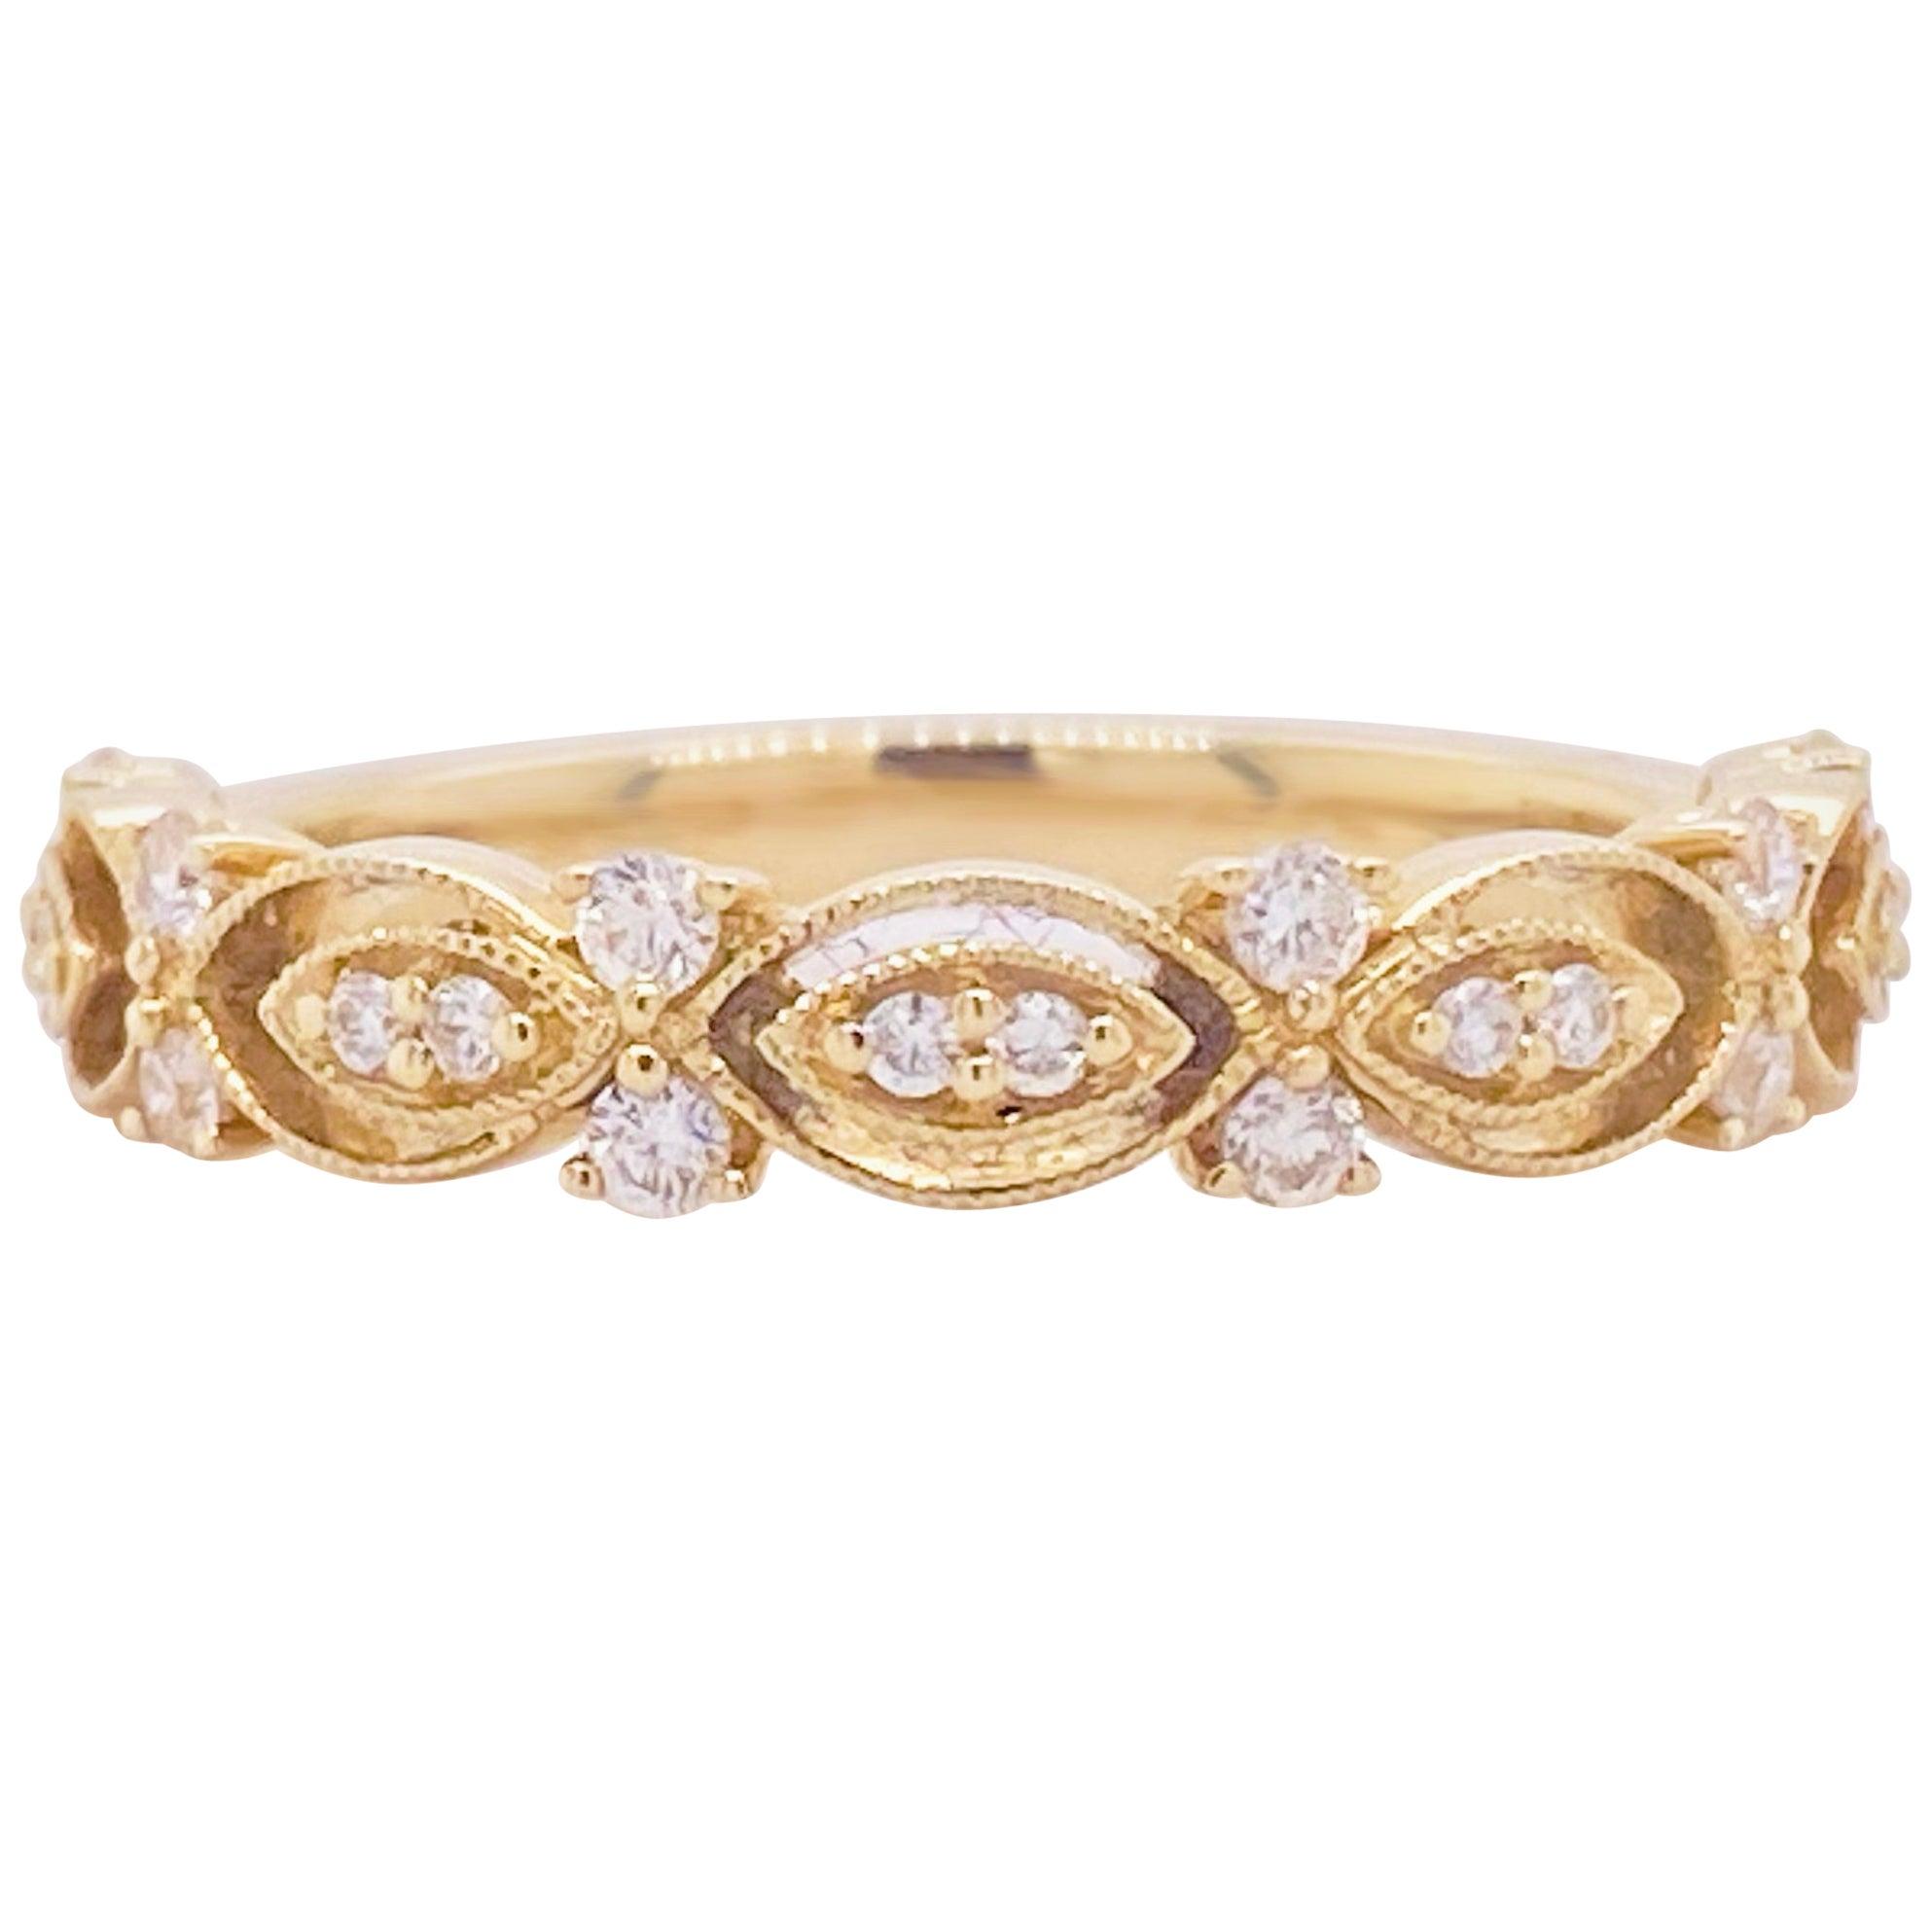 Diamond Band Ring, 14 Karat Gold, Wedding Band, Fashion Band, Stackable Band